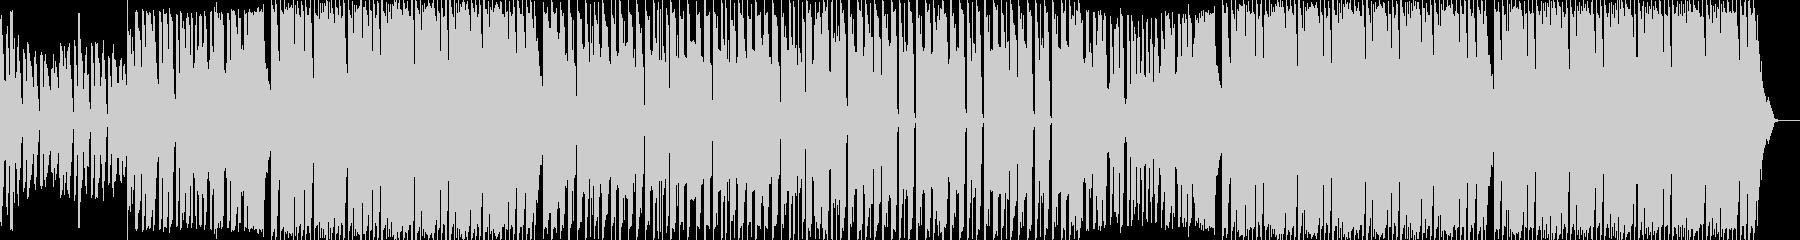 ダンス・重低音・エレクトロ・ショートの未再生の波形